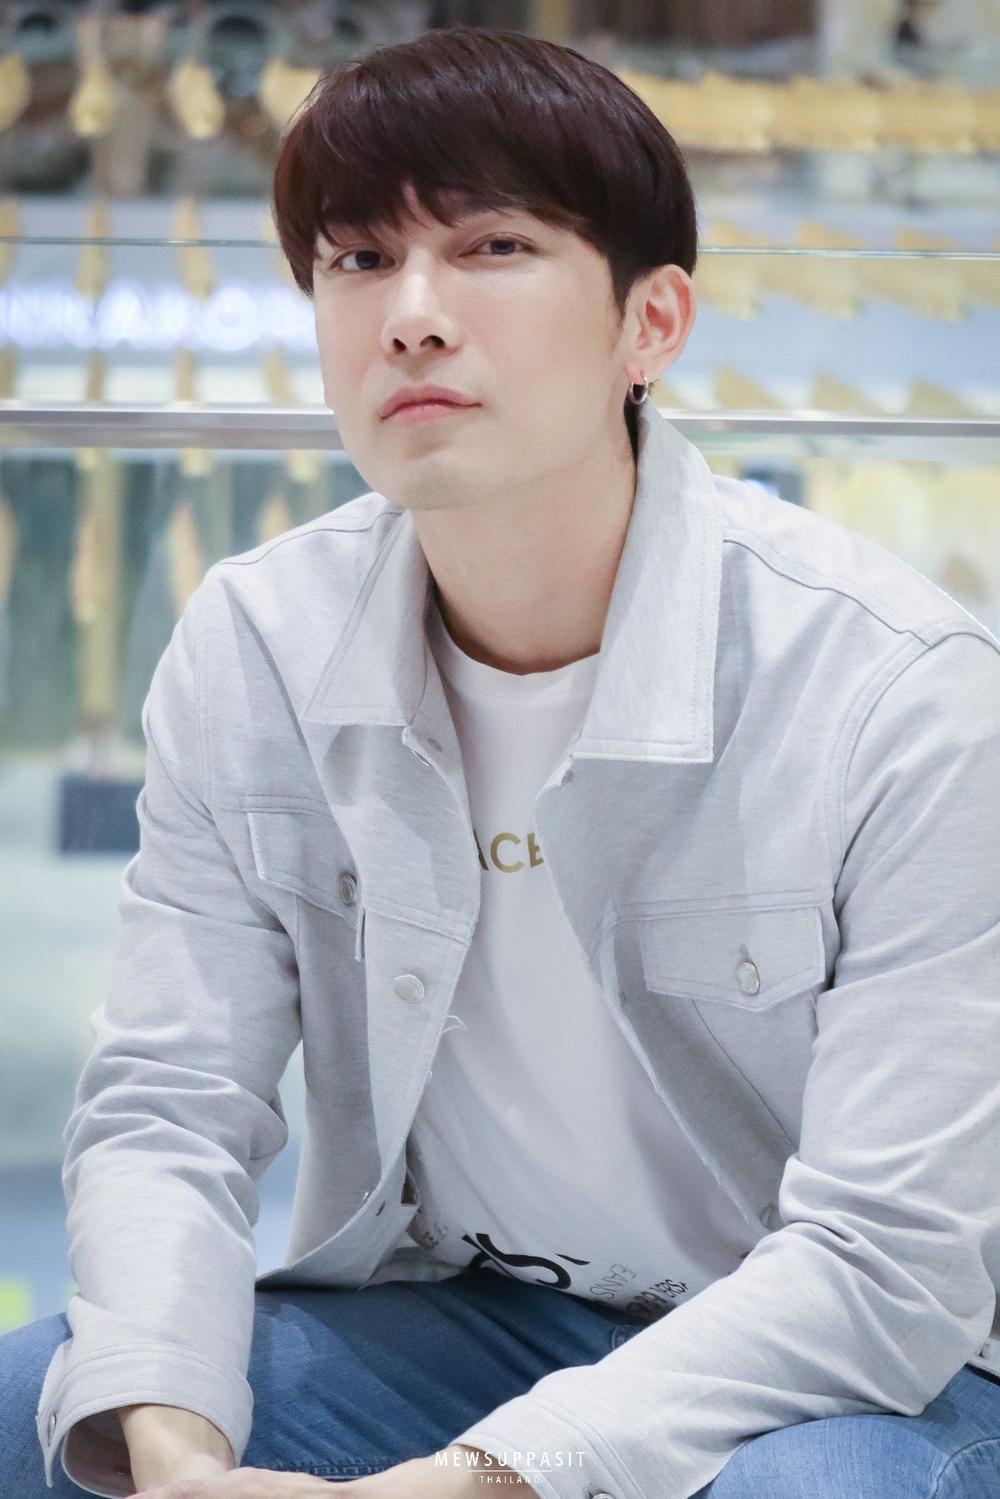 Sơn Tùng 'đánh bại' Jungkook (BTS) lẫn Tiêu Chiến trên top trending! Ảnh 12